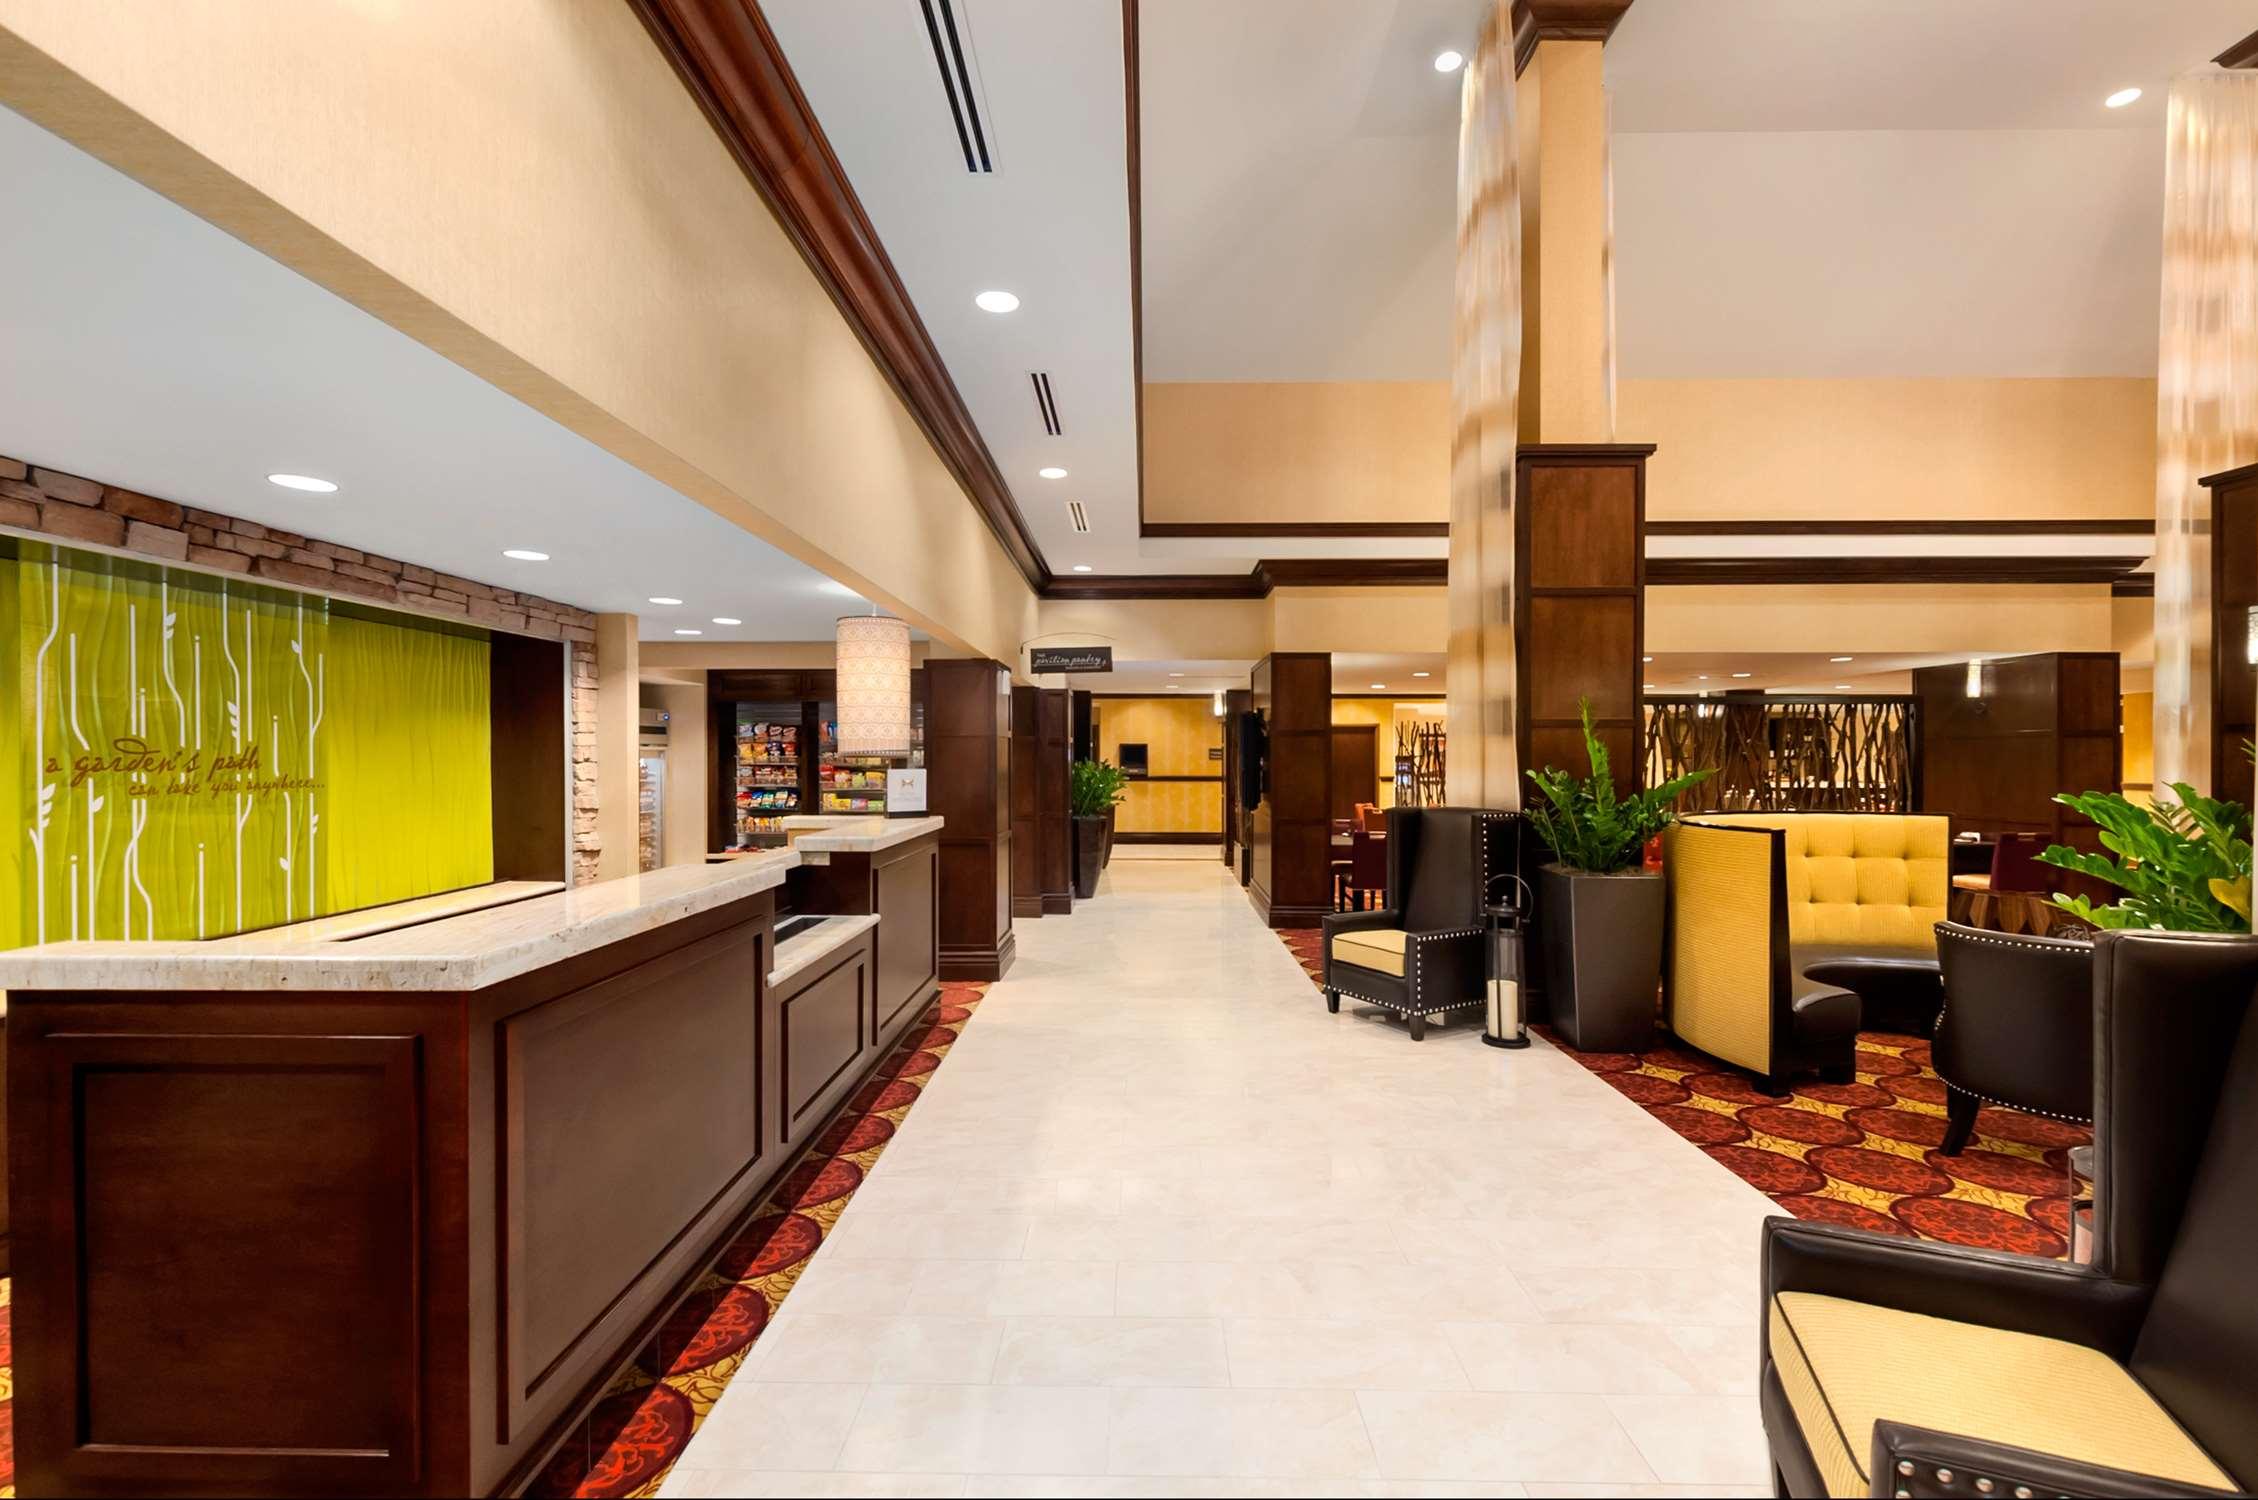 Hilton Garden Inn Shreveport Bossier City image 1